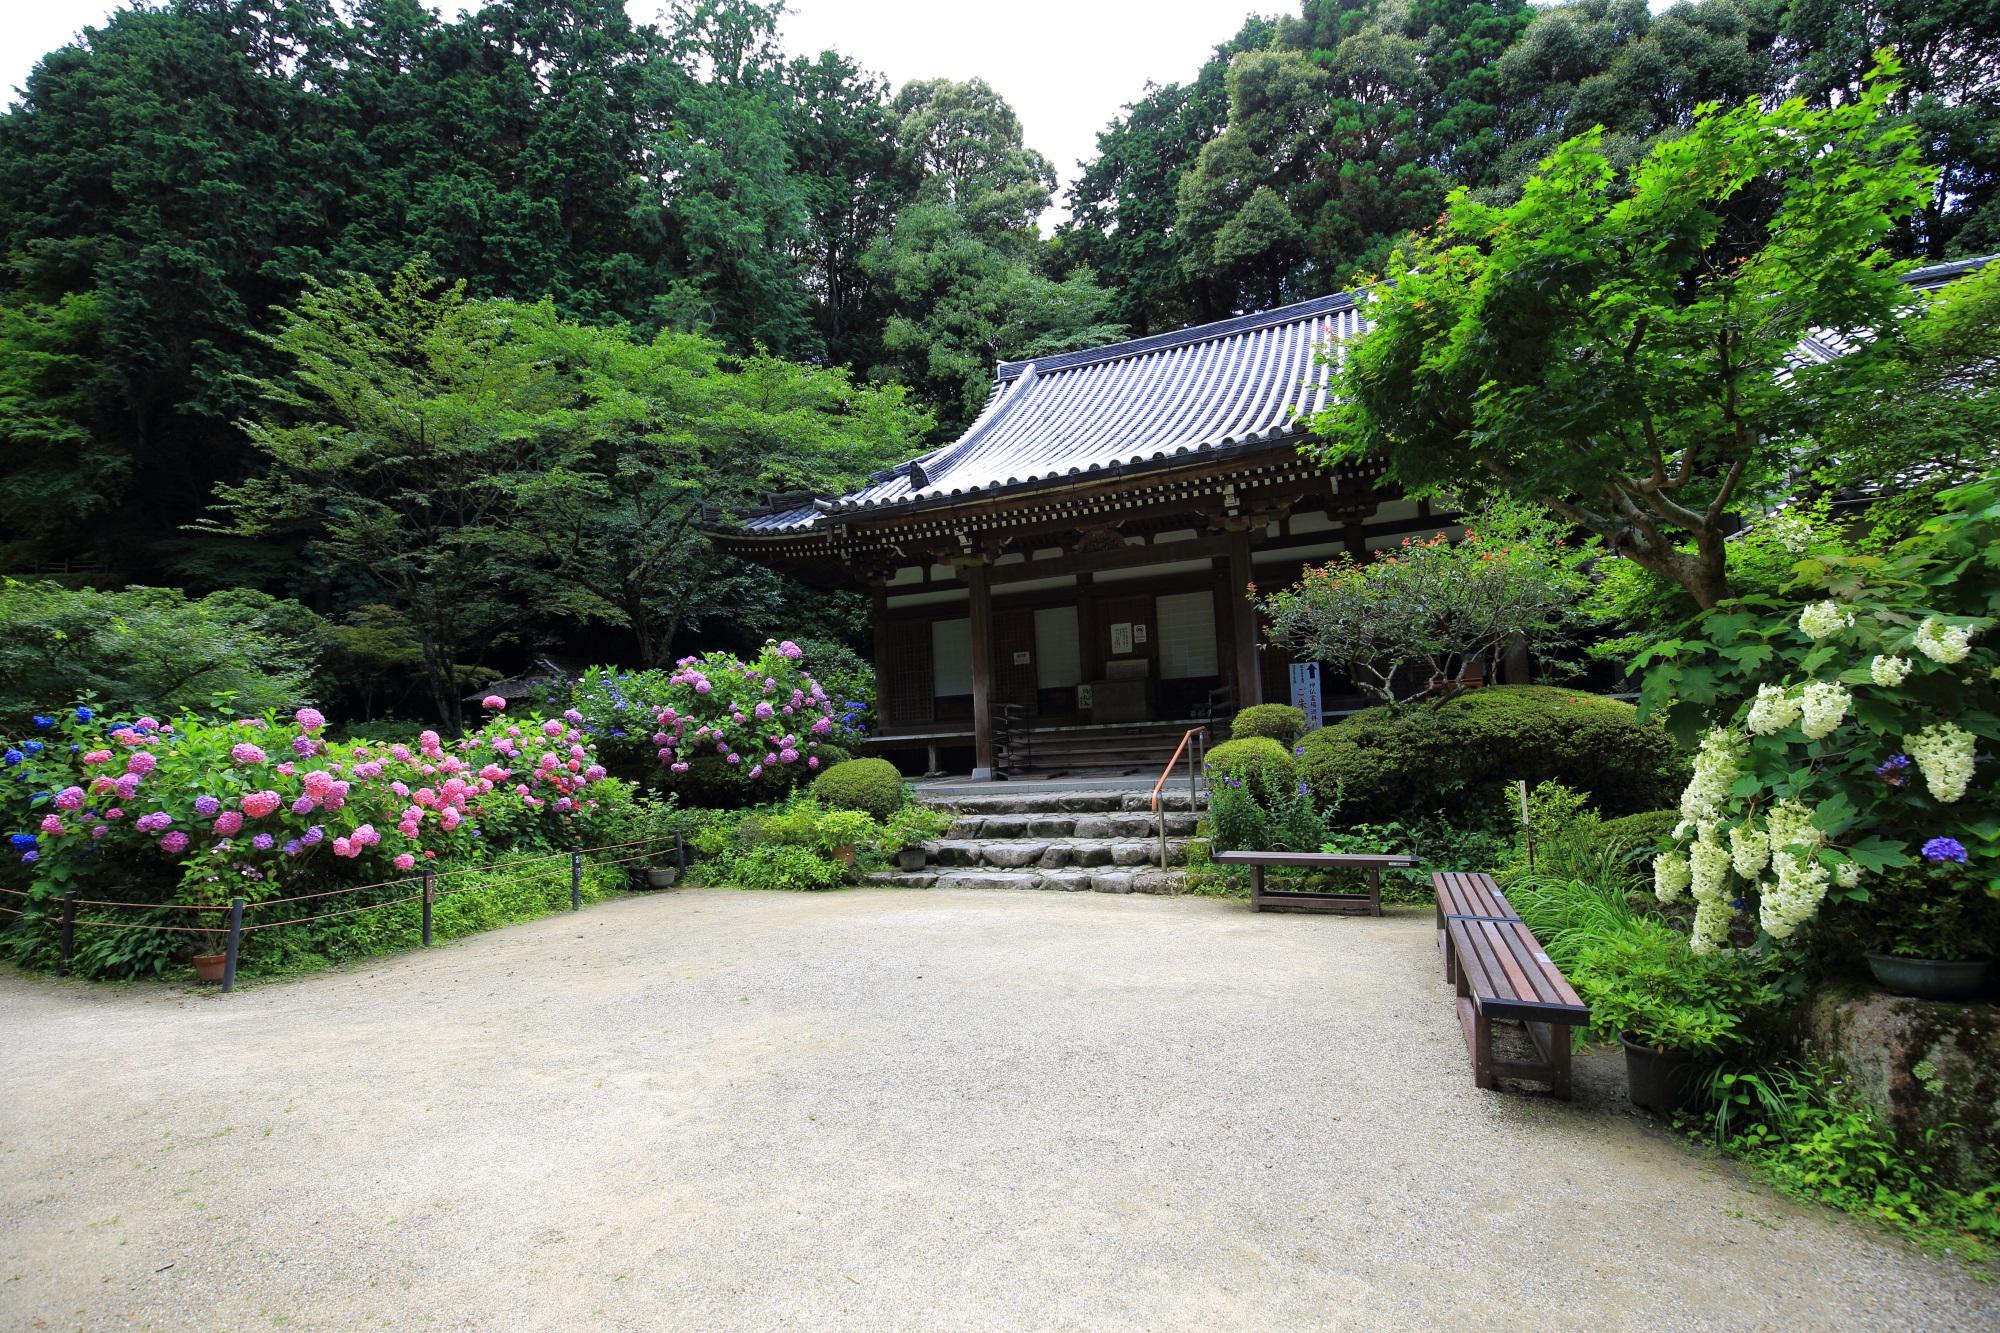 両脇は緑や紫陽花で溢れる岩船寺の本堂